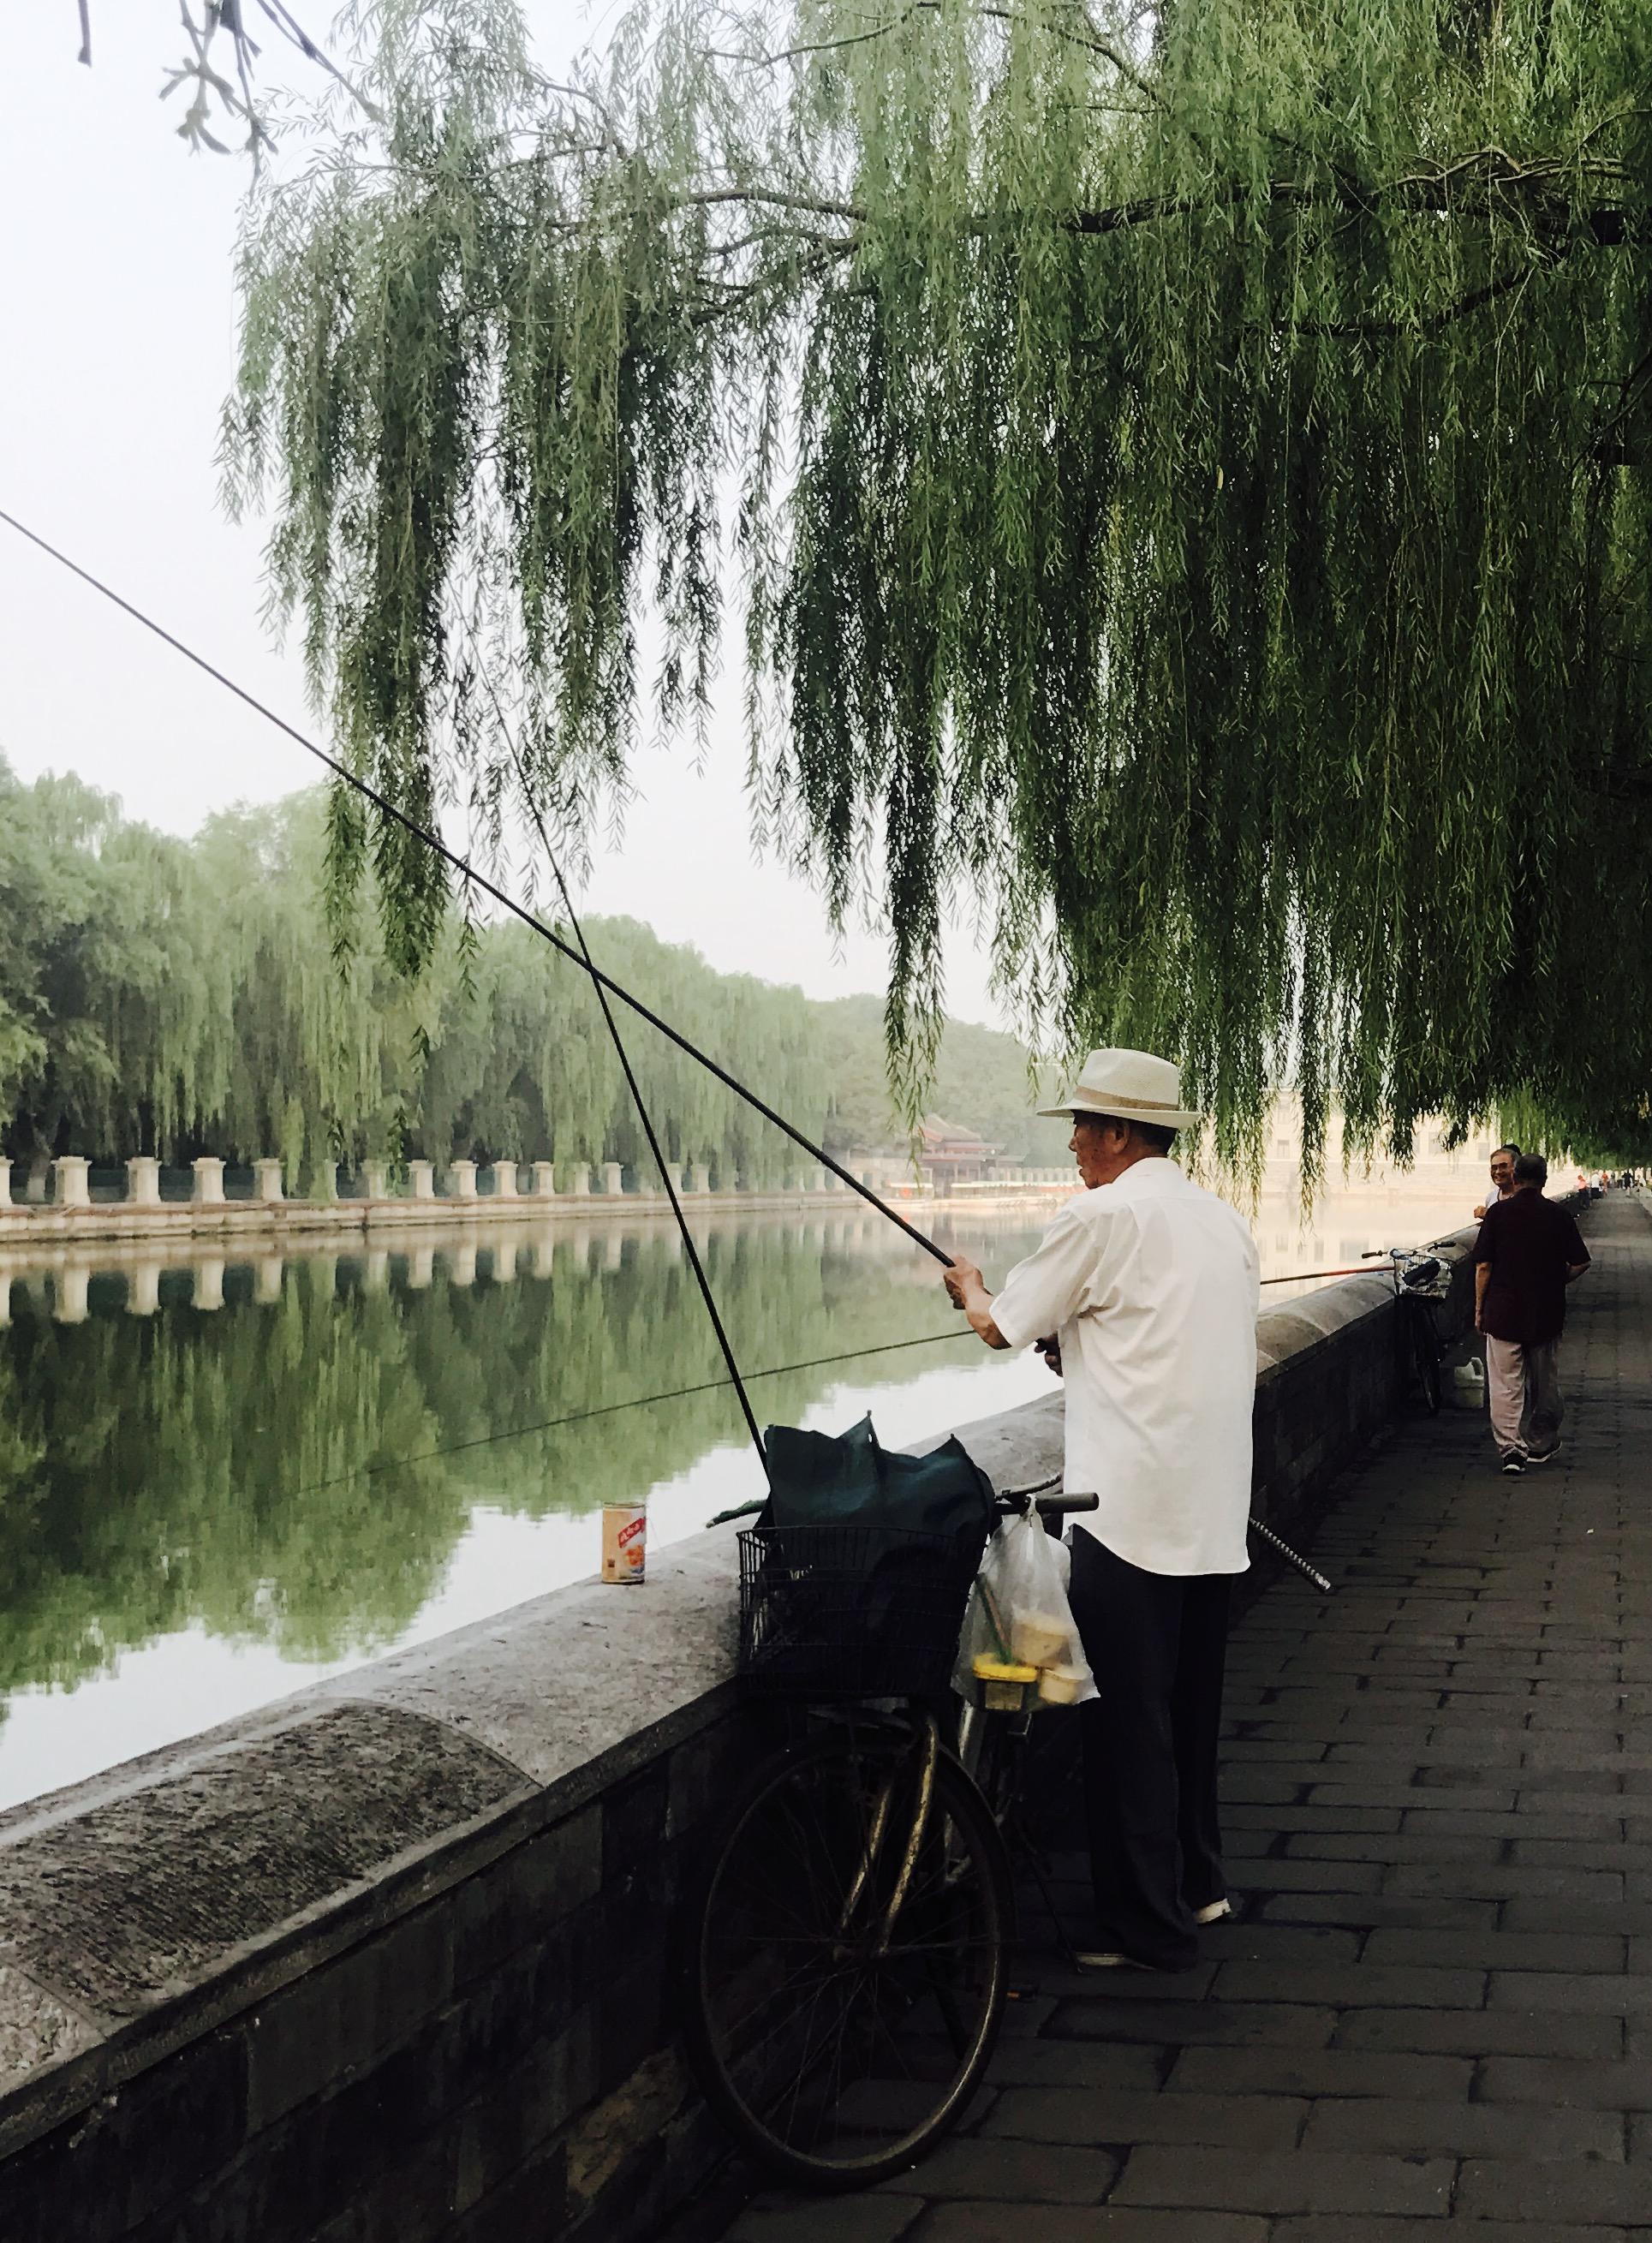 在护城河边,伴着北京人的生活日常,漫跑吧